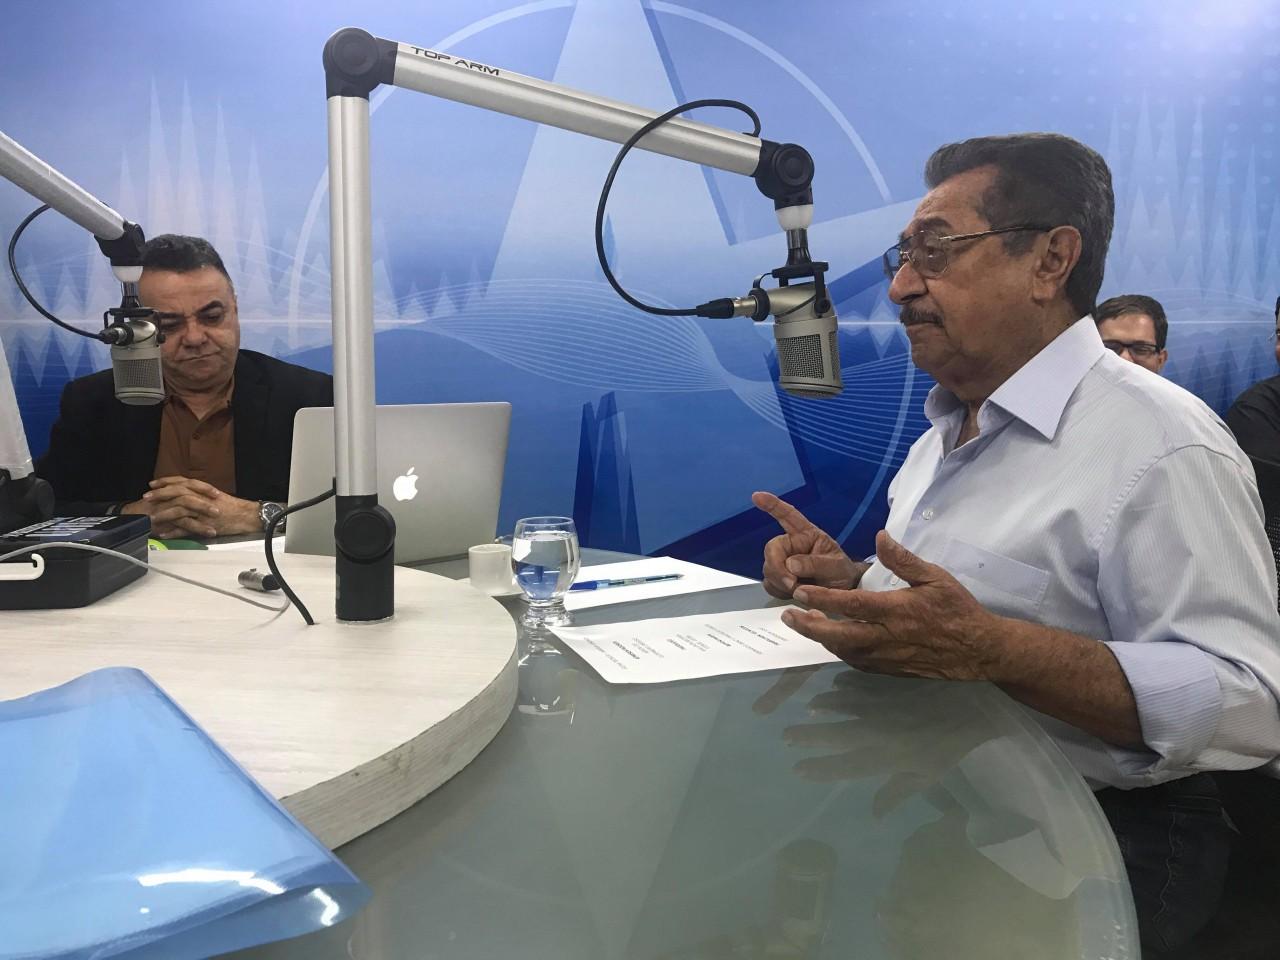 41620999 2167949096790220 3731386132710031360 n - VEJA VÍDEO - Maranhão não acredita em transferência de voto: 'A escolha final é do eleitor'